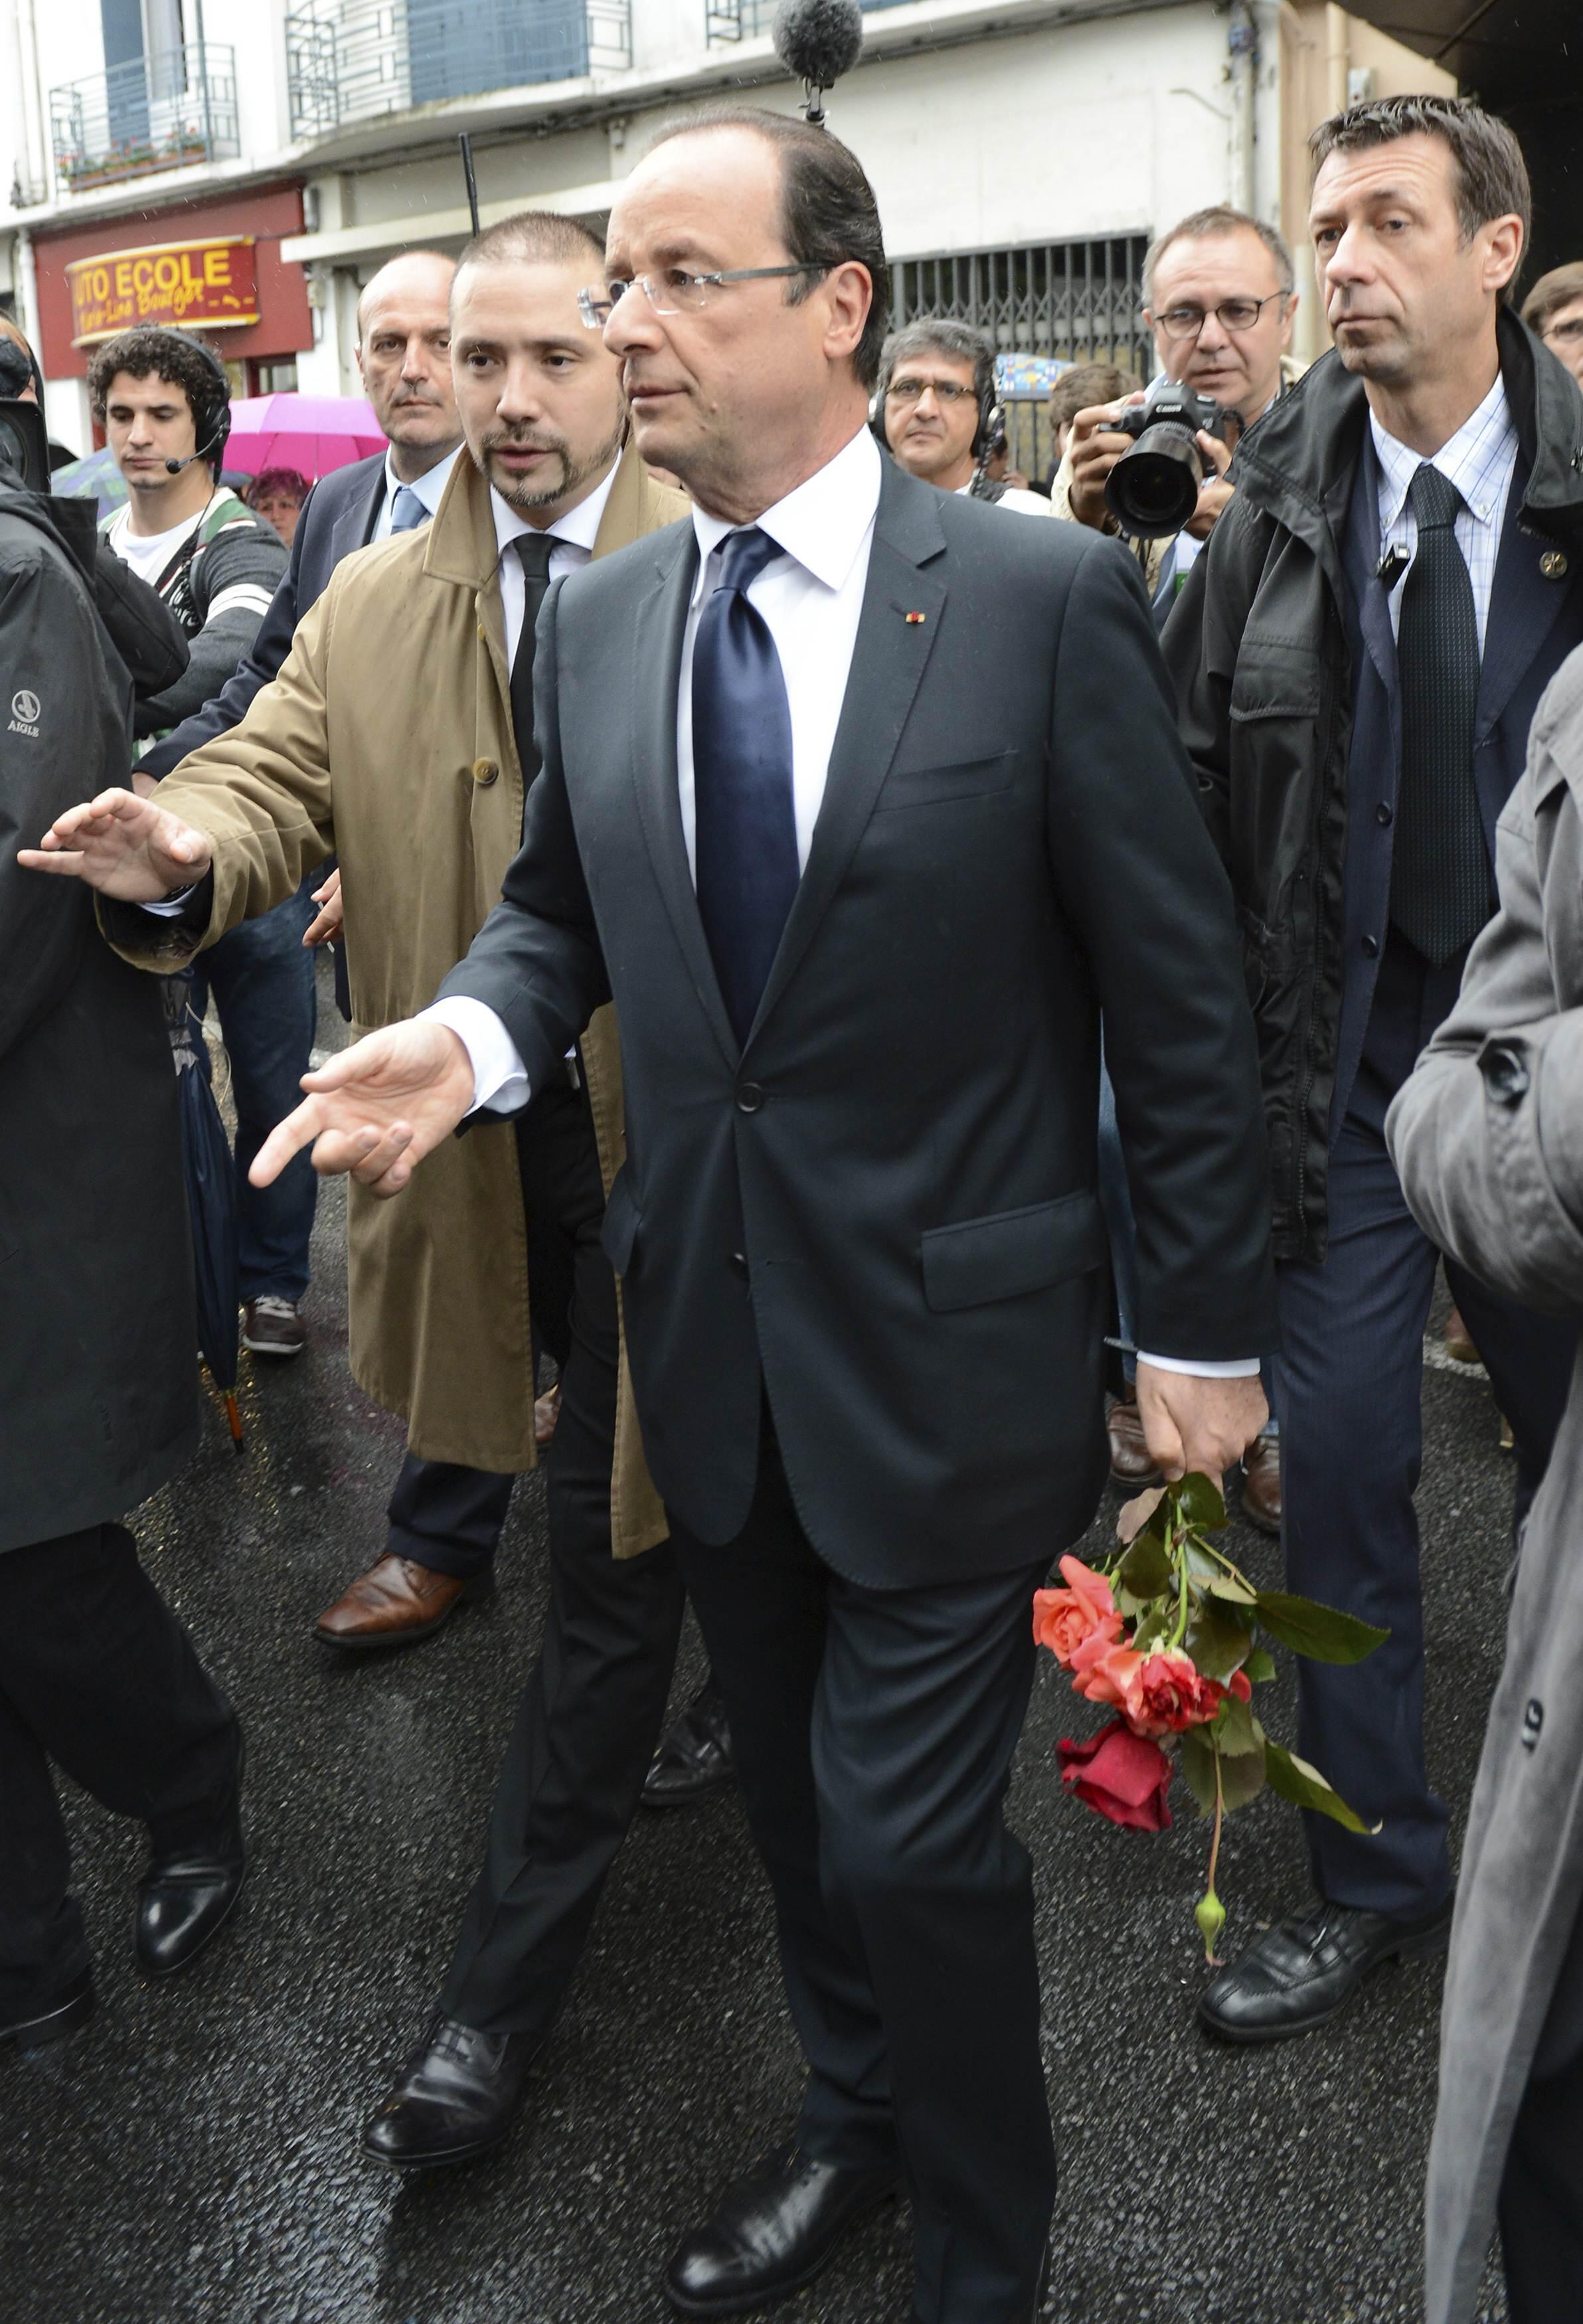 Tổng thống François Hollande gặp dân chúng sau khi đi bầu Quốc hội, ngày 17/06/2012, tại Tulle, Corrèze, vùng Limousin, miền trung Pháp